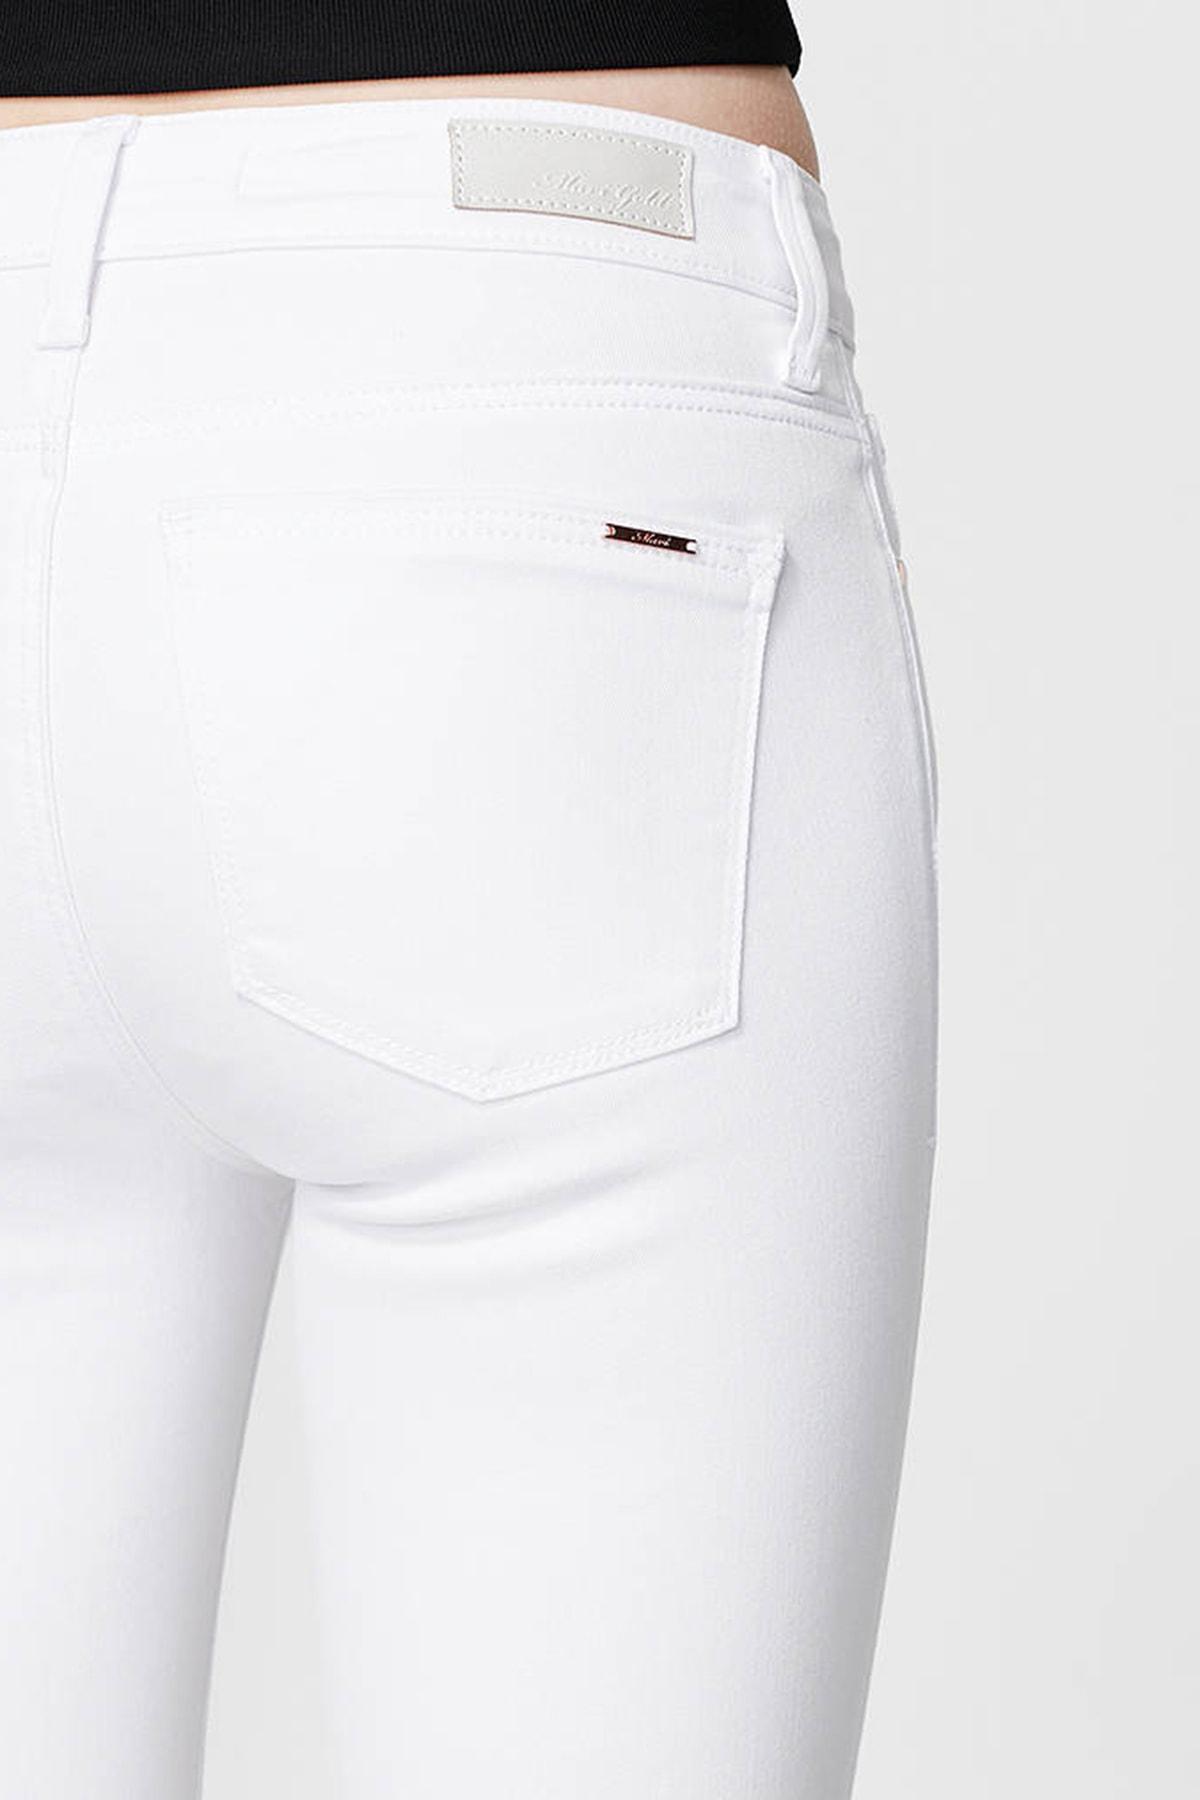 Mavi Kadın Tess Gold Beyaz Jean Pantolon 100328-28143 4